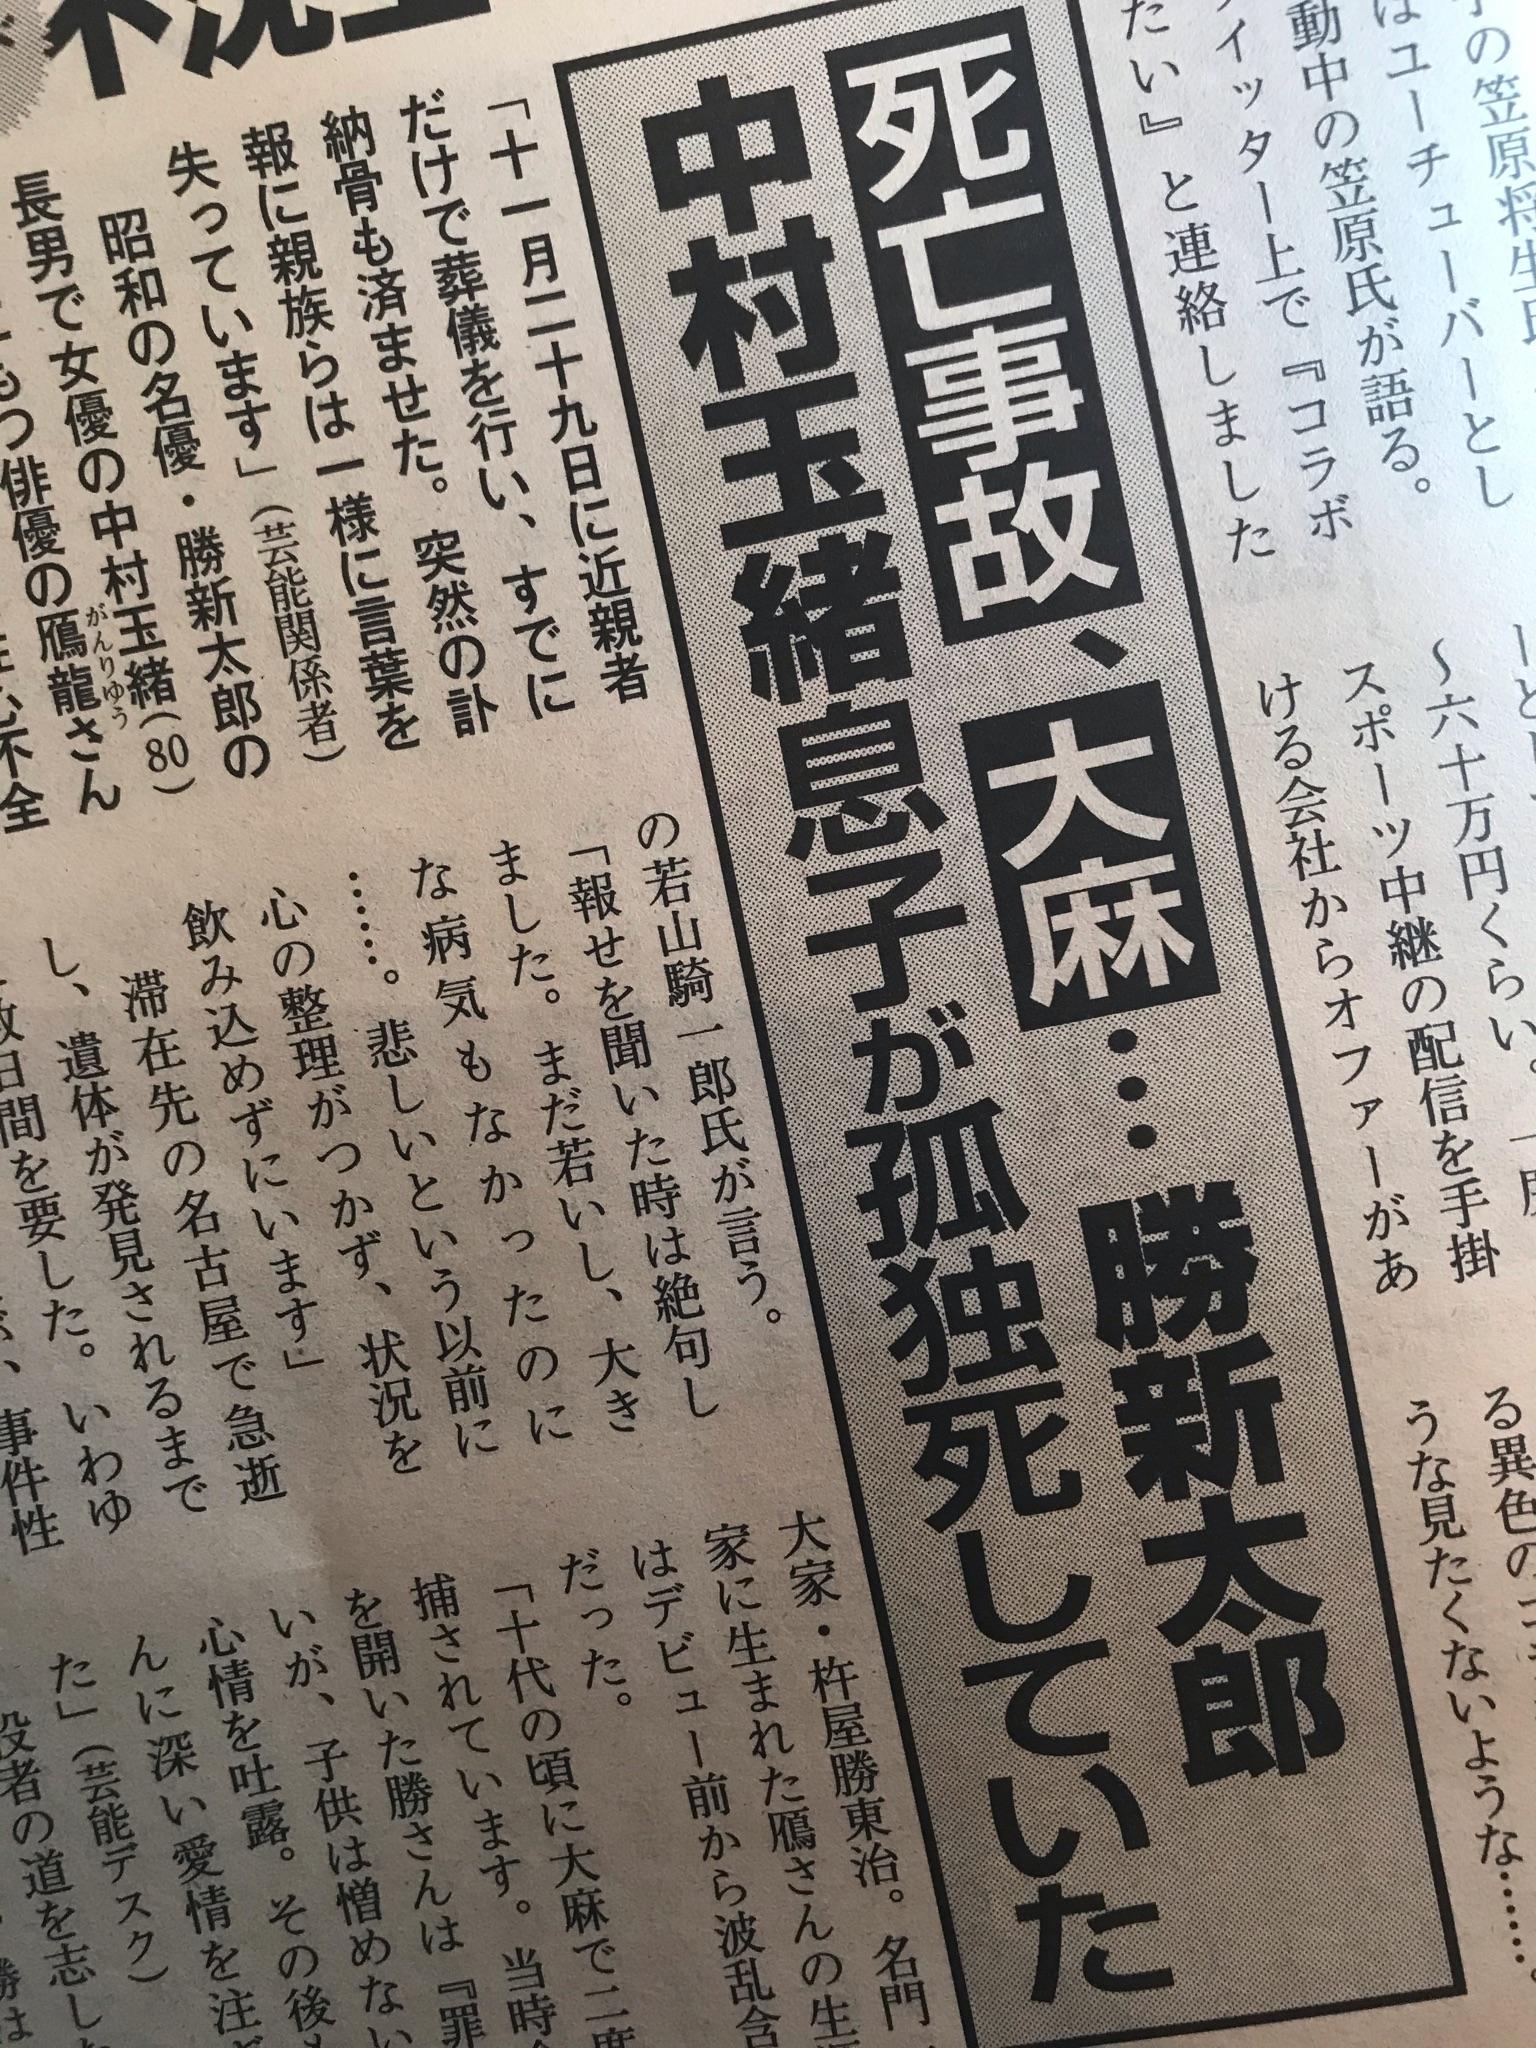 玉緒 死亡 中村